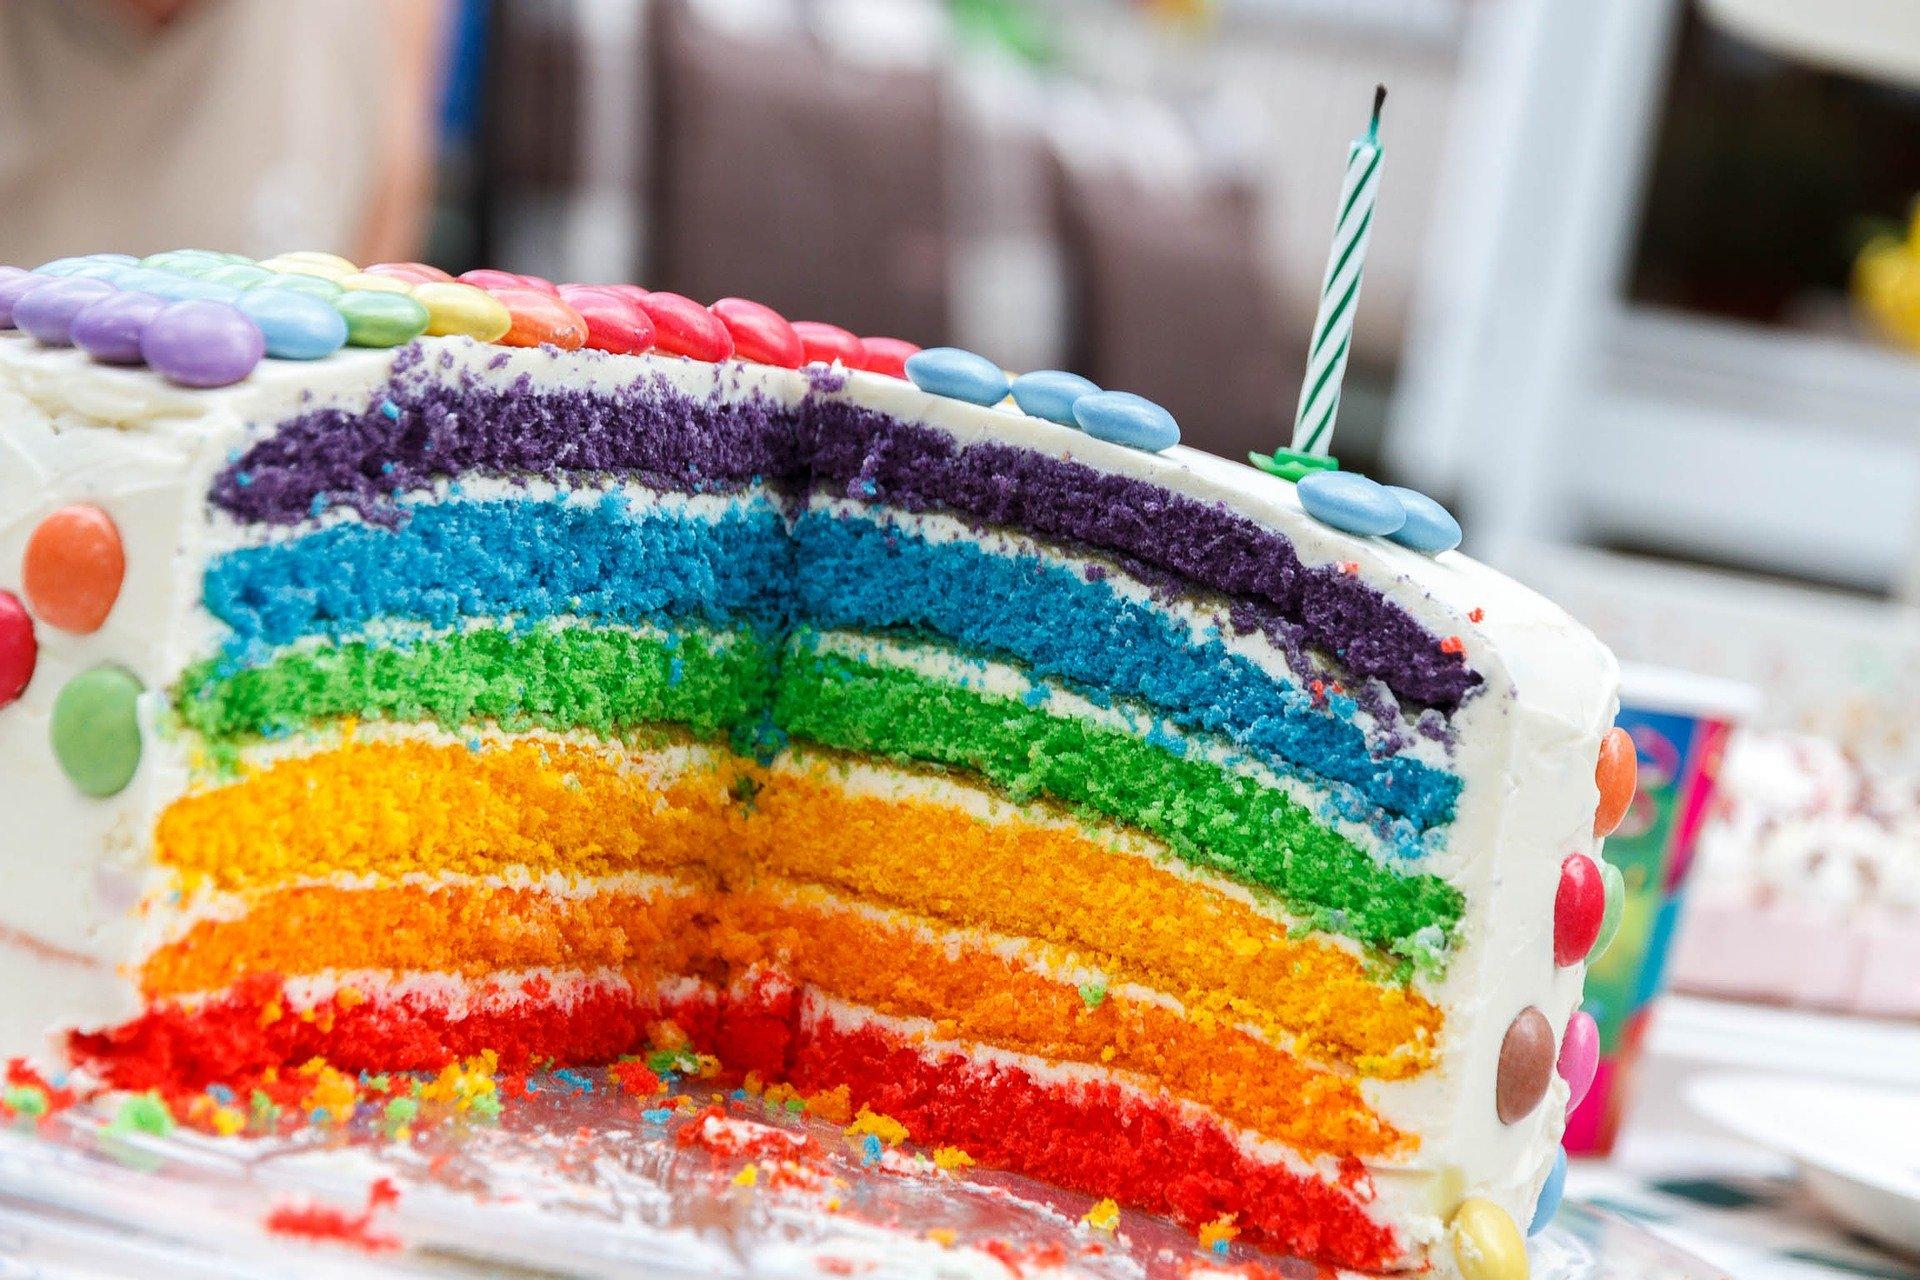 Organiser un anniversaire pour une amie.